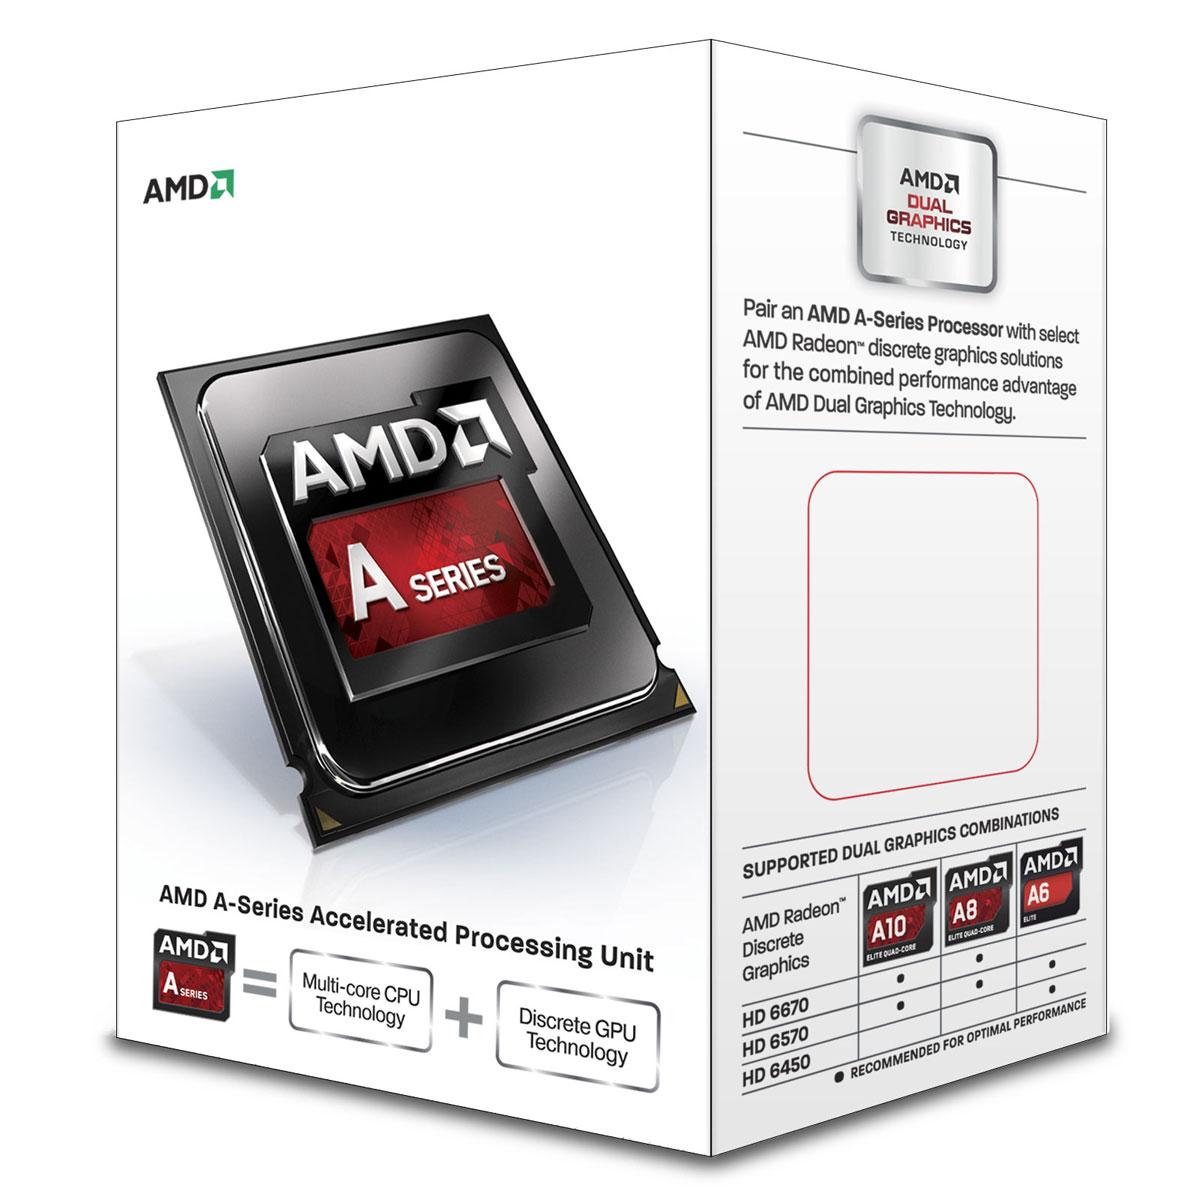 Processeur AMD A8-7600 (3.1 GHz) Processeur Quad Core socket FM2+ Cache L2 4 Mo Radeon R7 Series D 0.028 micron (version boîte - garantie constructeur 3 ans)